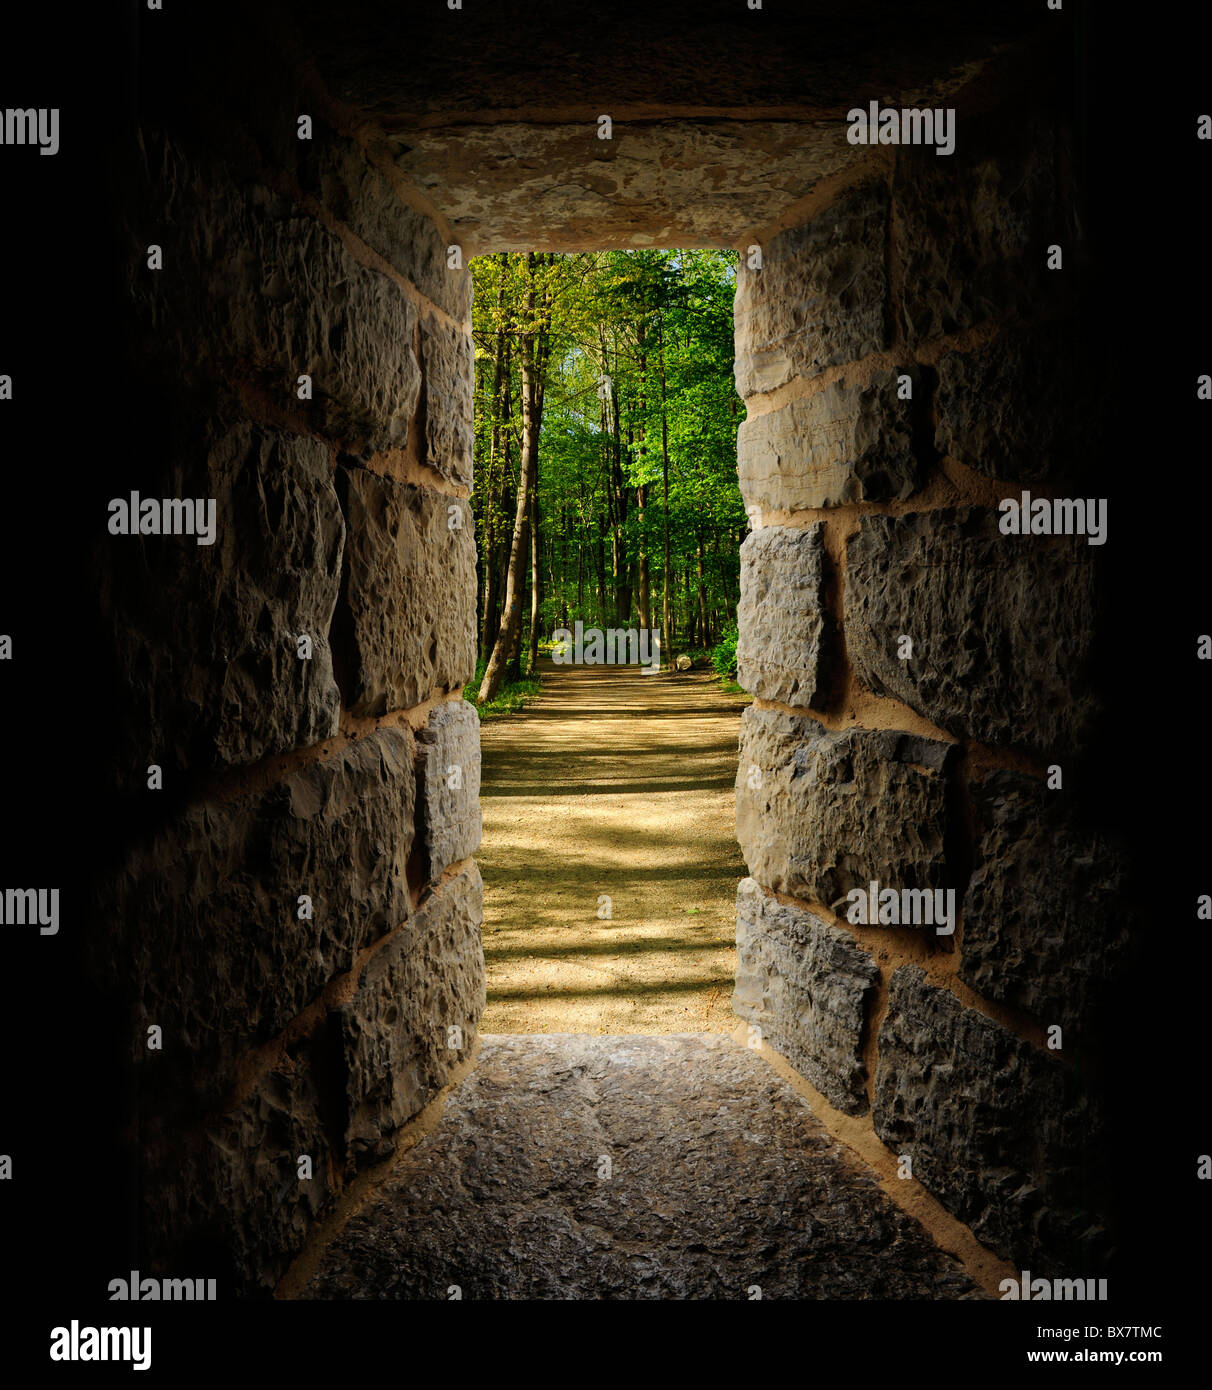 Ruta a través de los árboles como se ve de un castillo-como la piedra de la ventana o el conducto Imagen De Stock